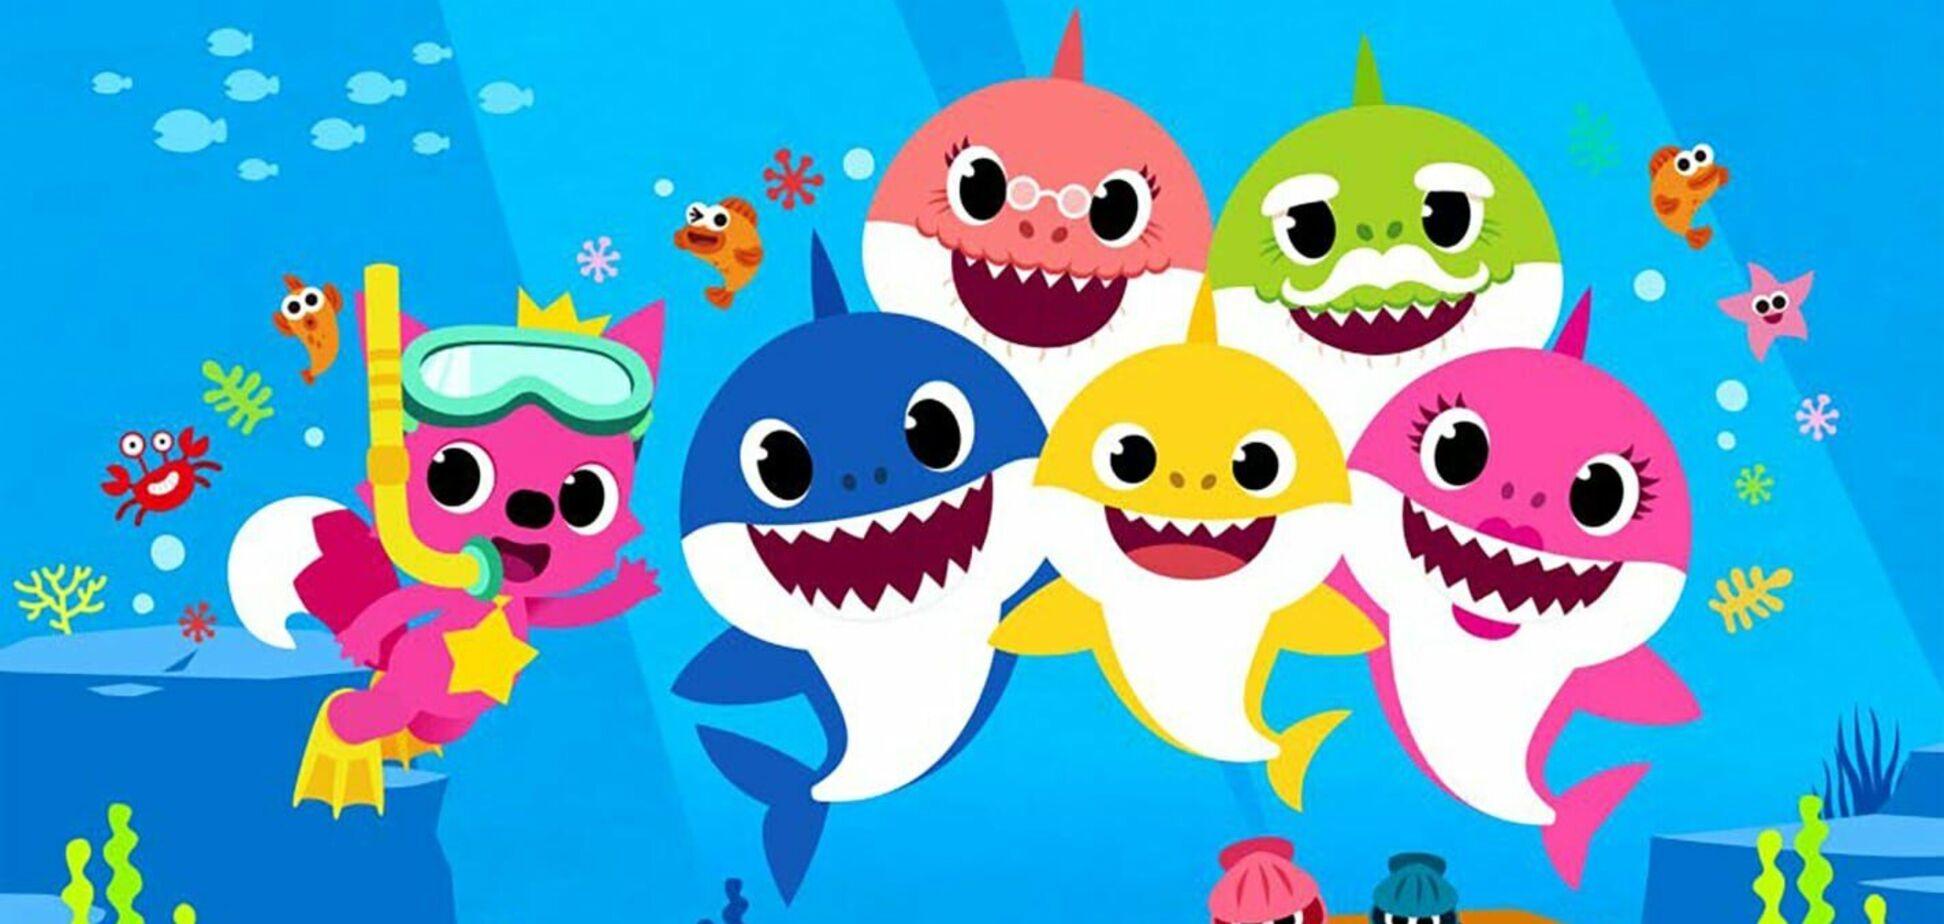 Детская песенка Baby Shark стала самым популярным видео в истории YouTube: в чем ее феномен